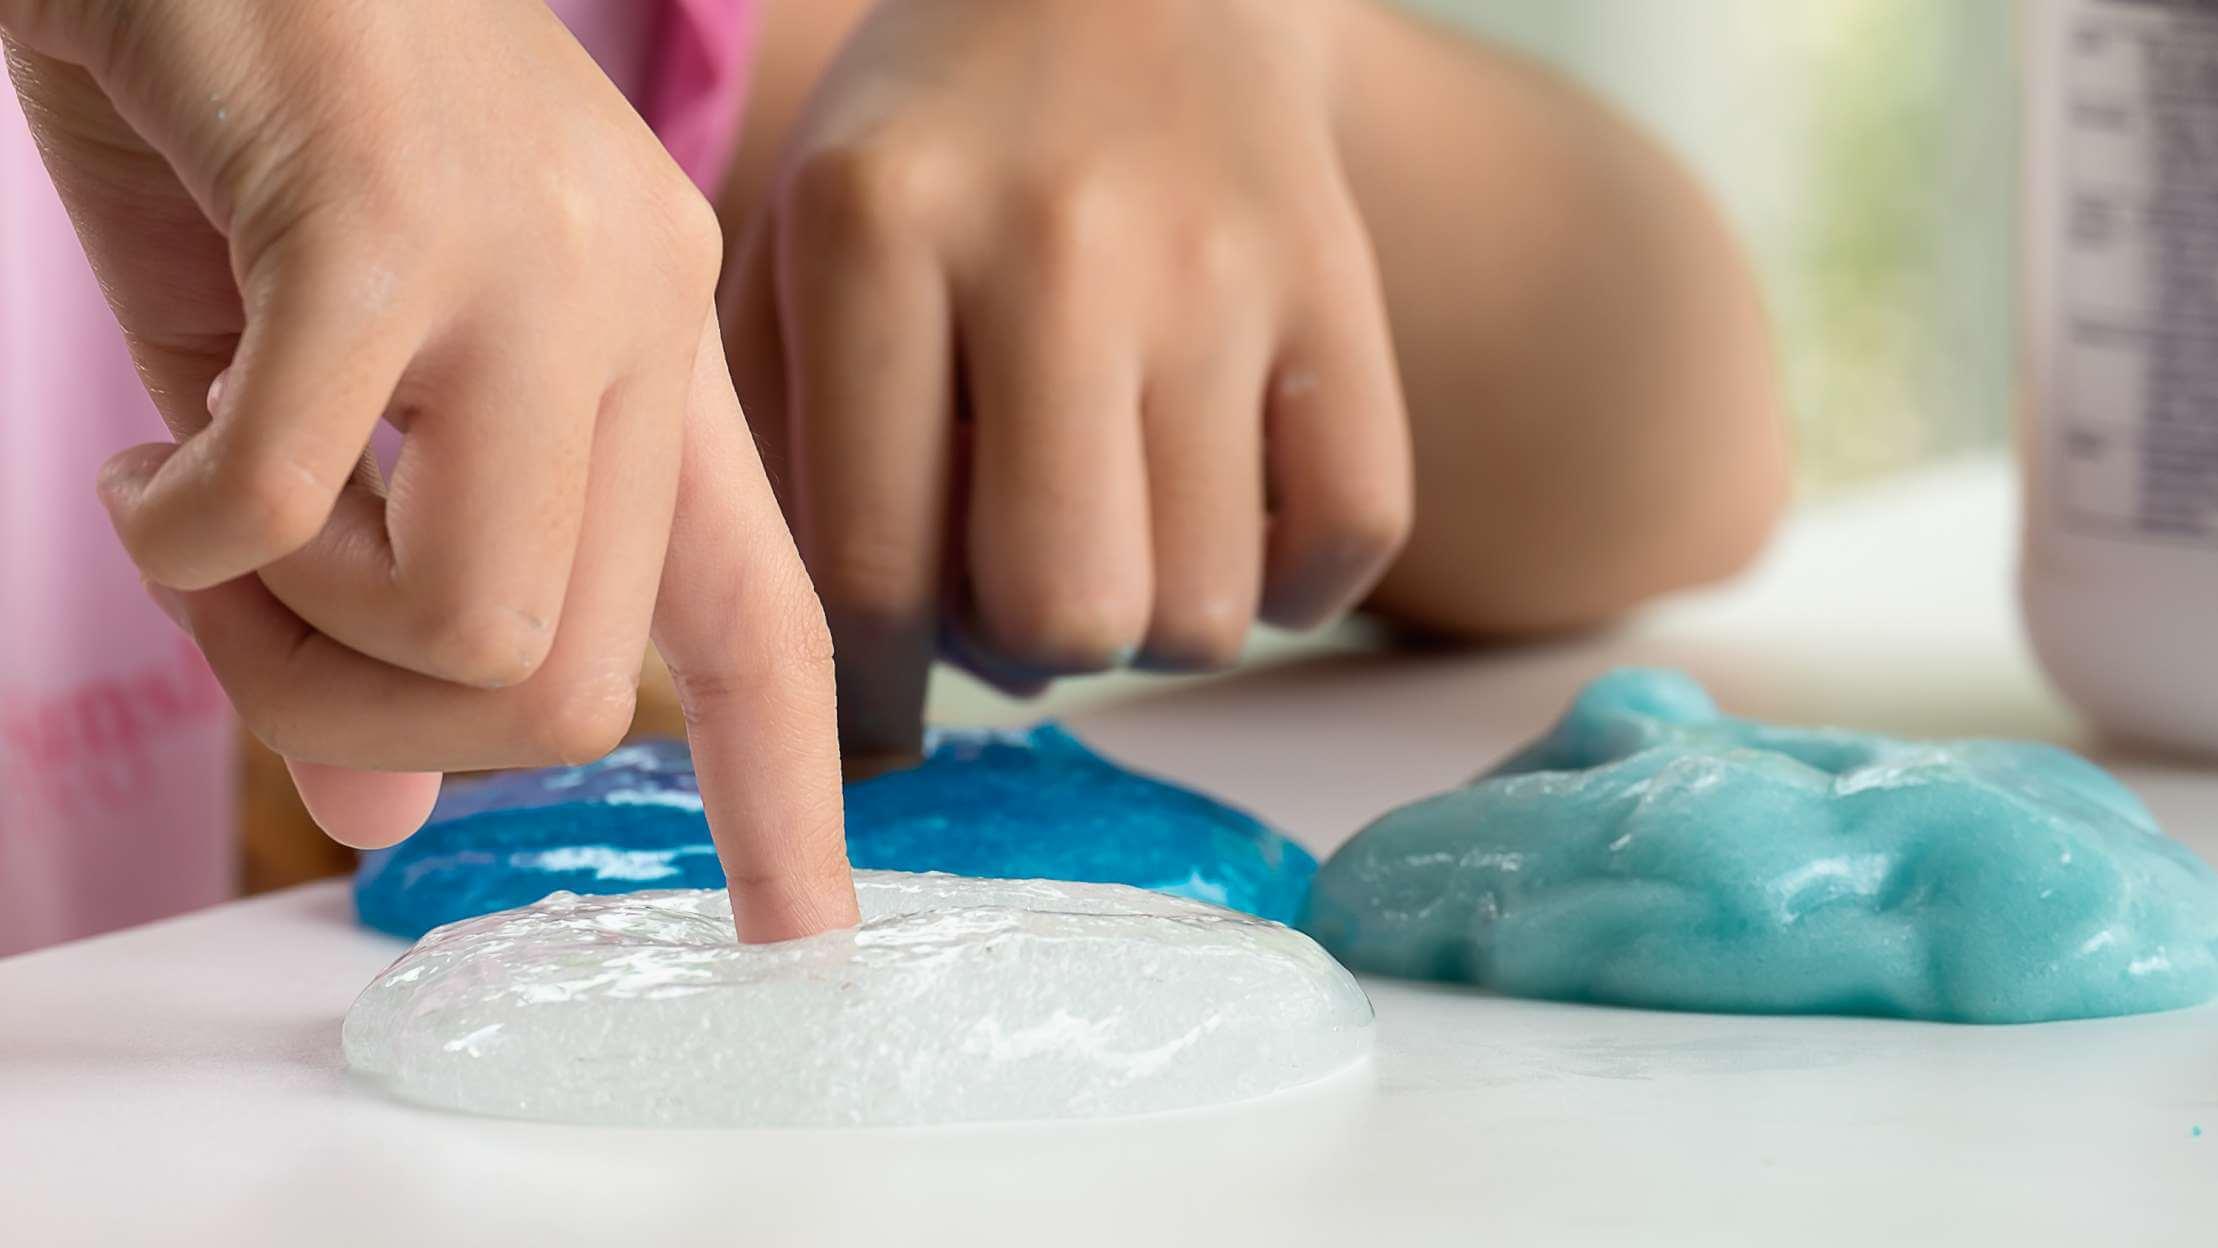 Рецепты жвачки для рук с тетраборатом натрия или без него. как сделать лизуна больше?